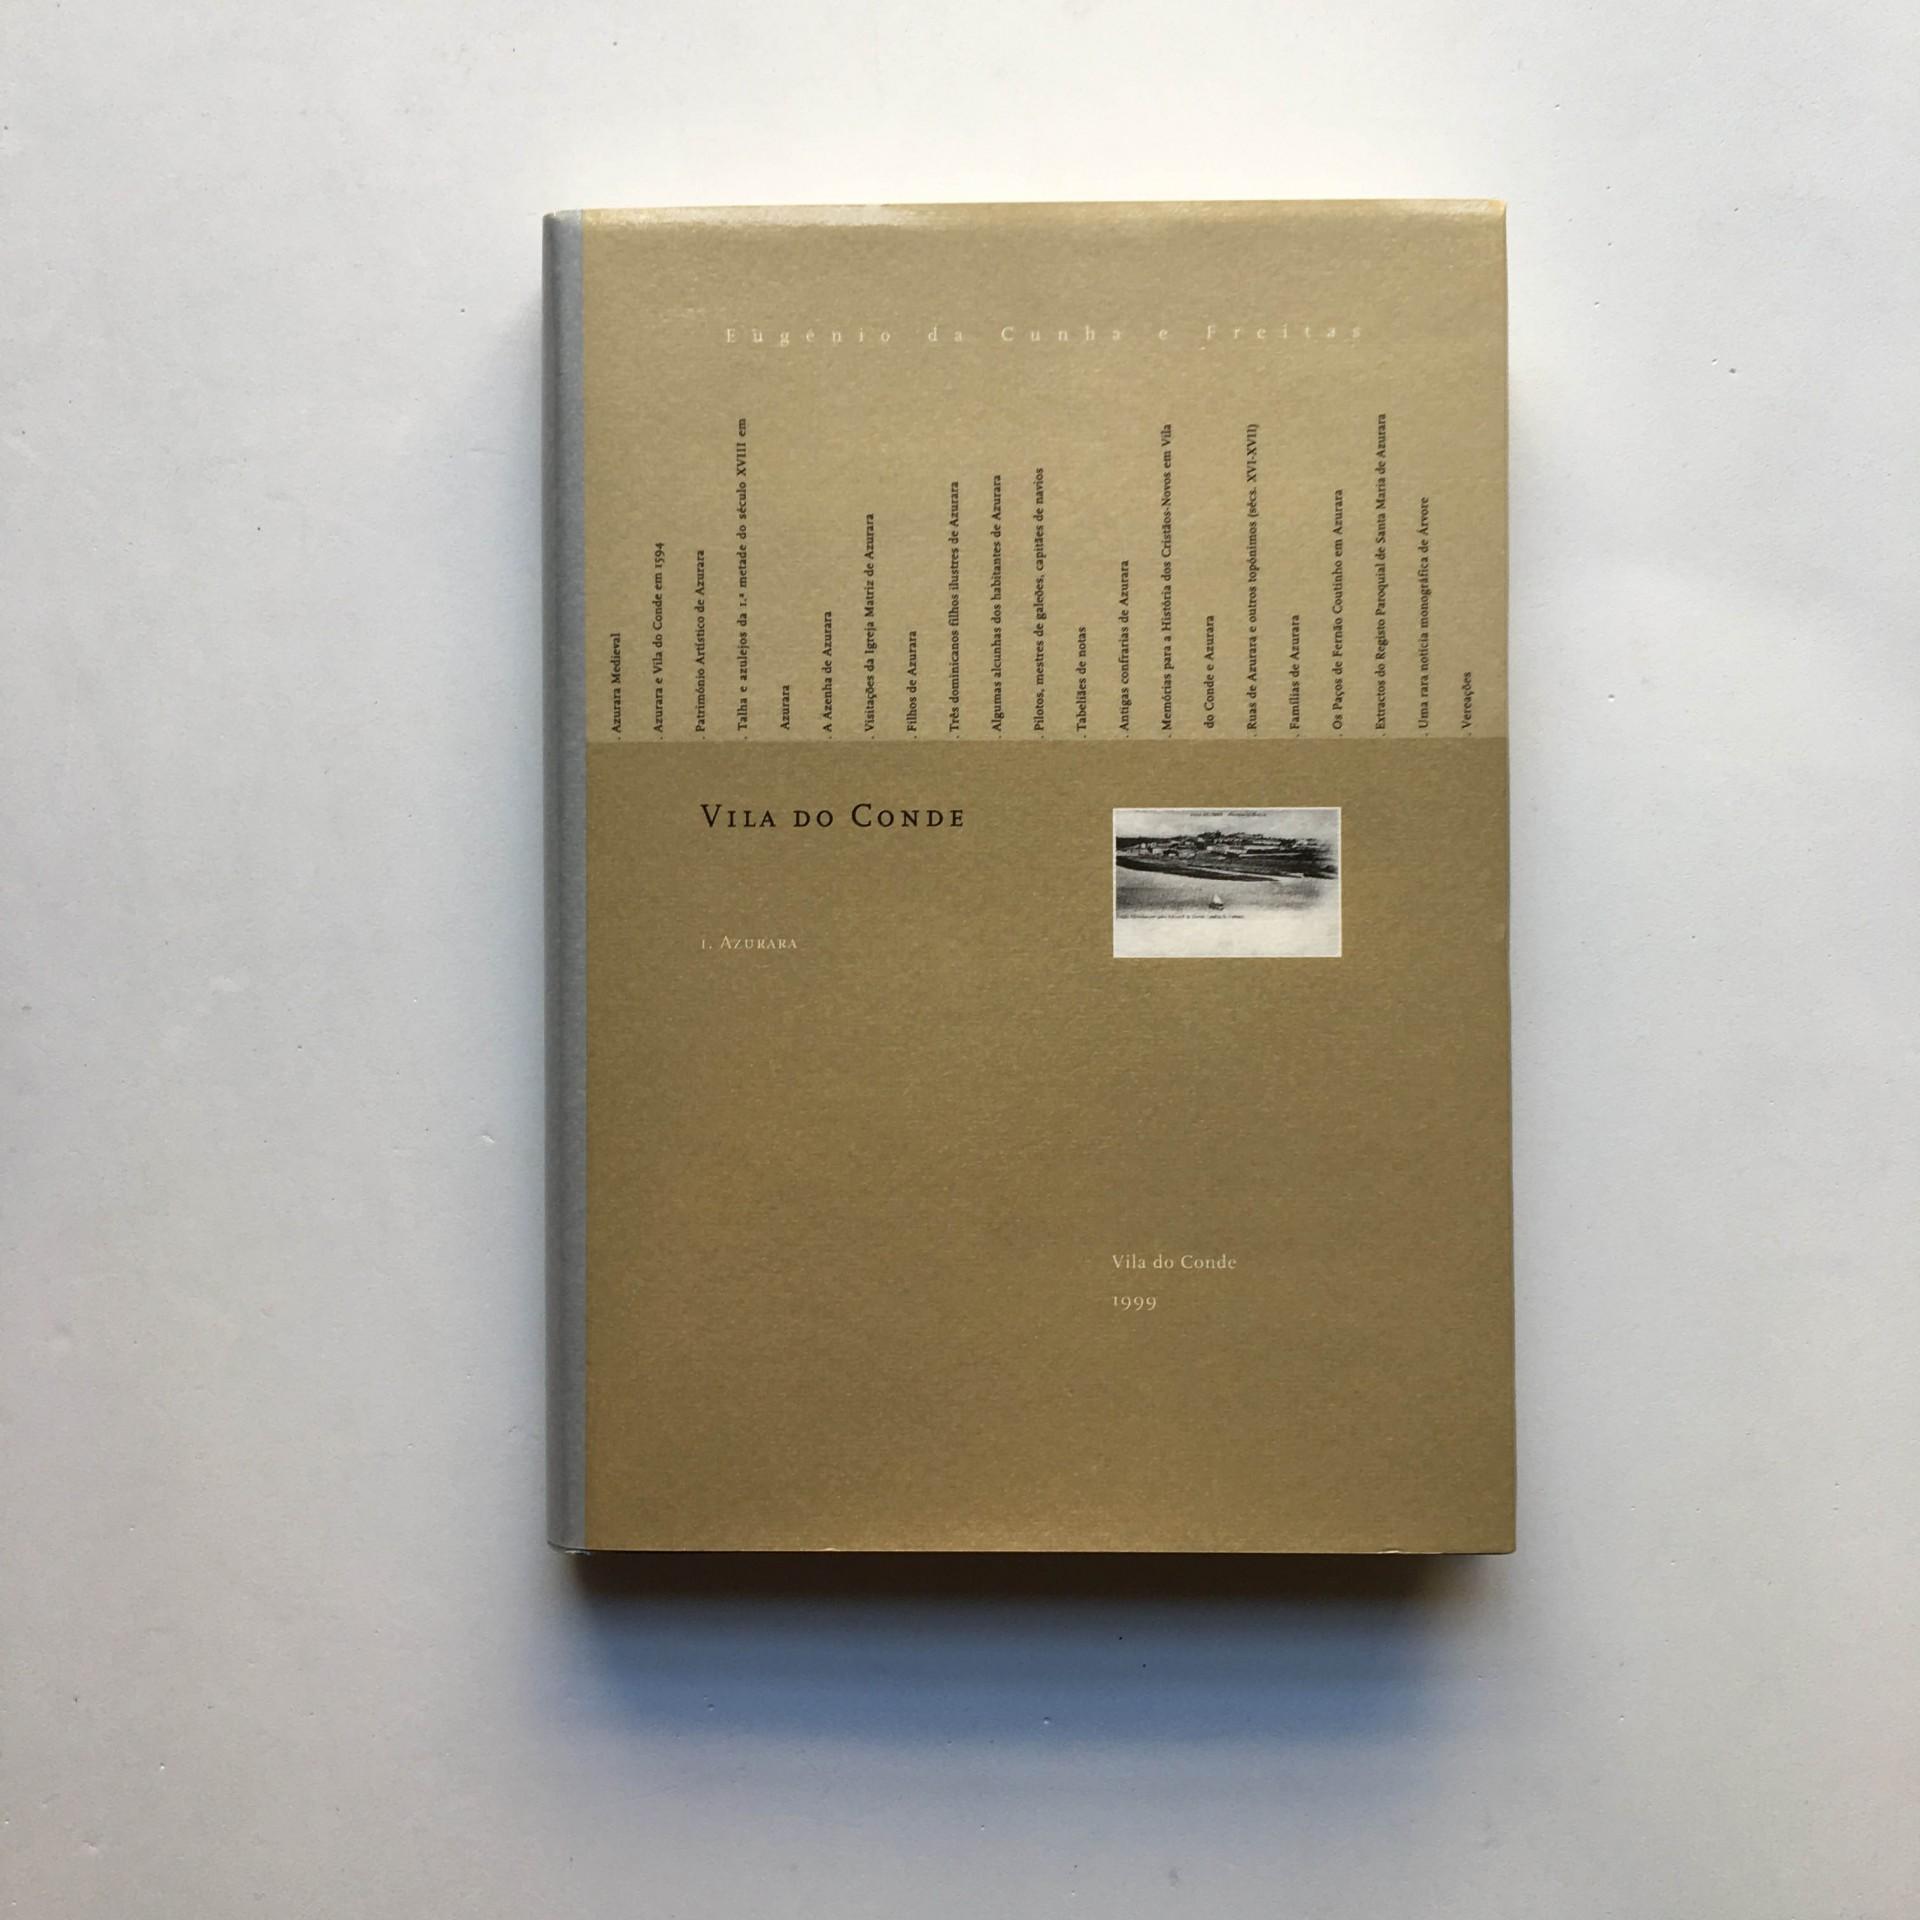 Vila do Conde: 1. Azurara (capa dura)